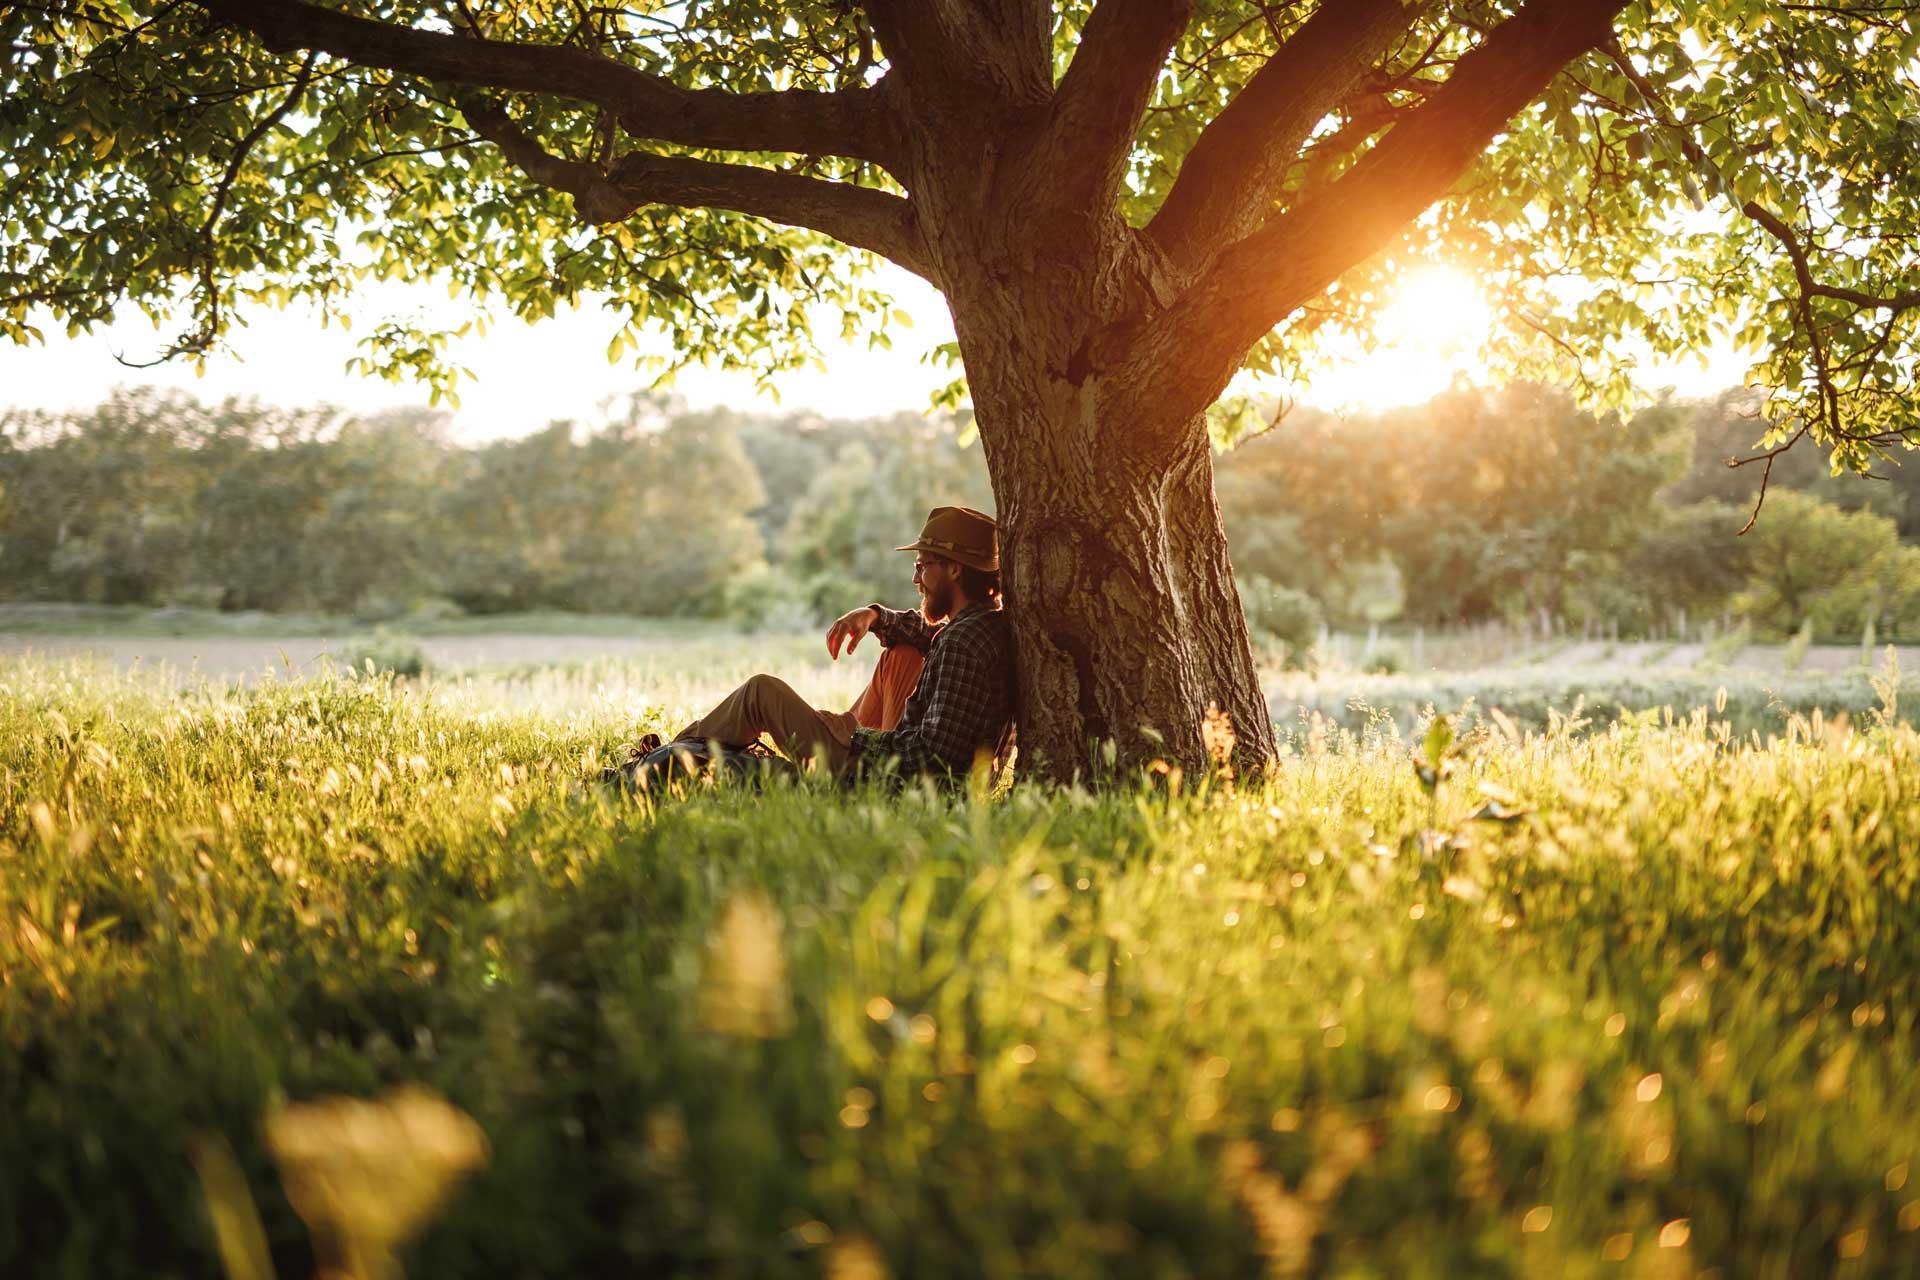 Man sitting under a tree at Kohlnhofer Insurance Agency